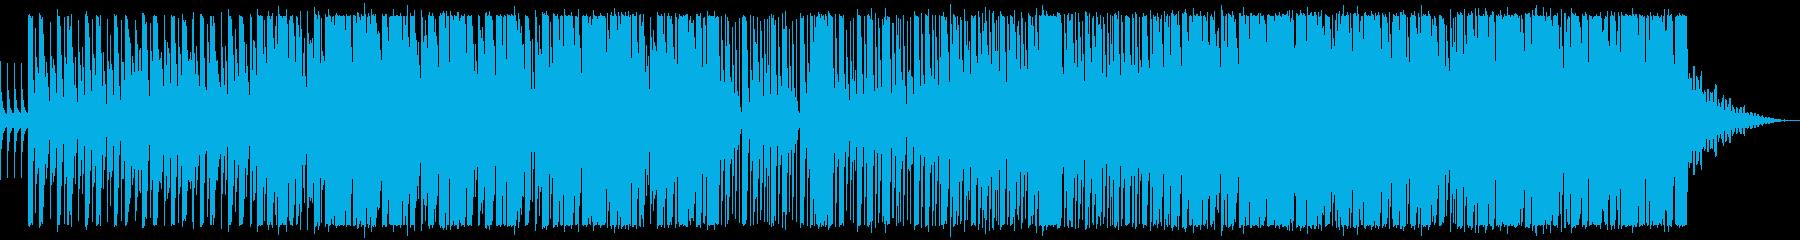 前奏曲/ポップアレンジの再生済みの波形